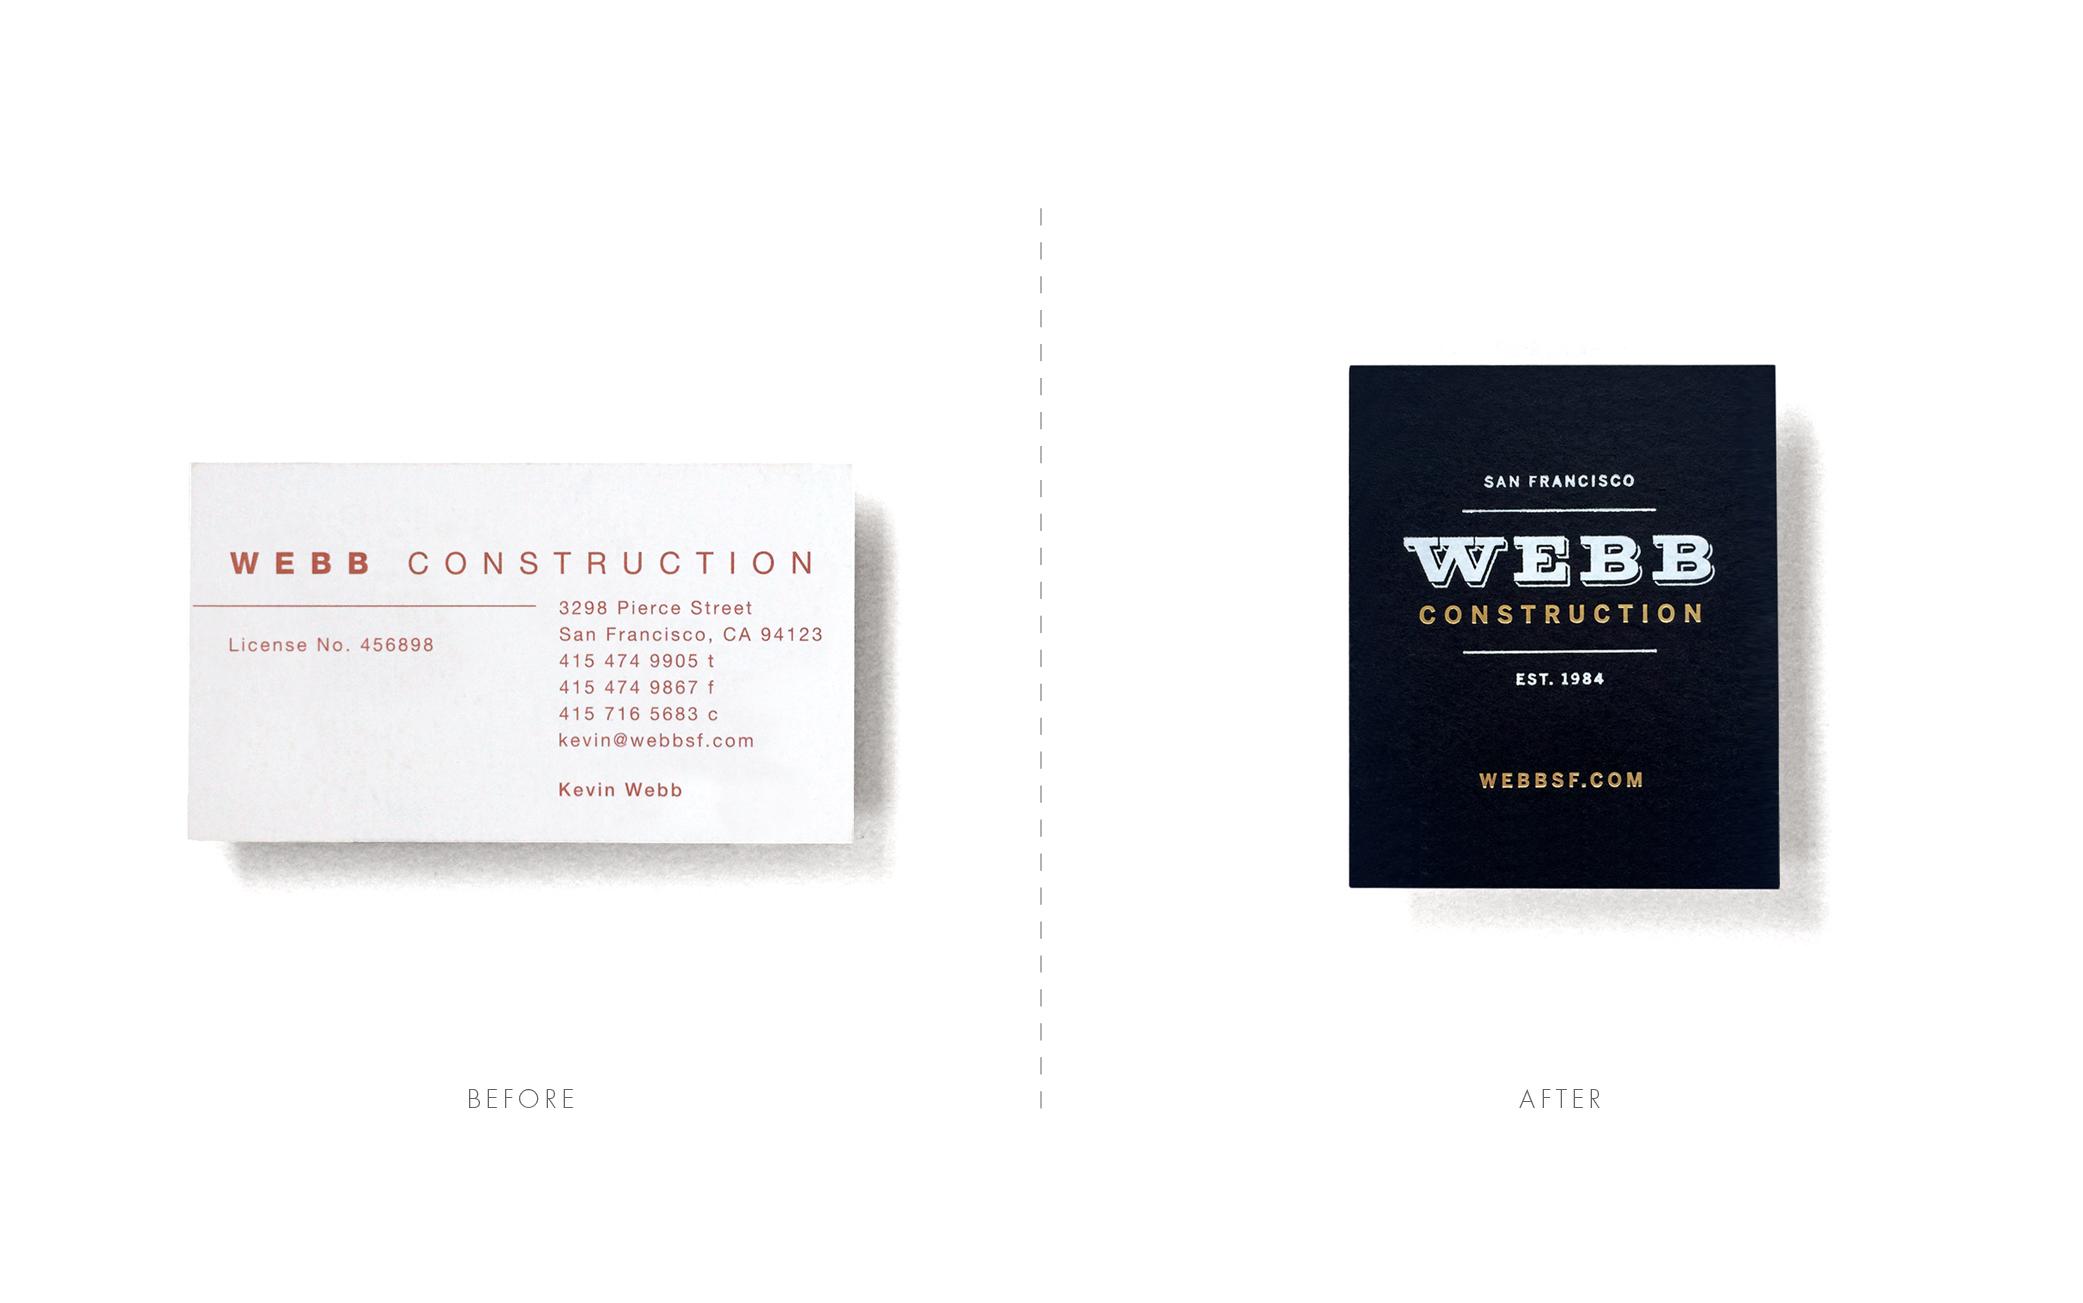 Webb Construction